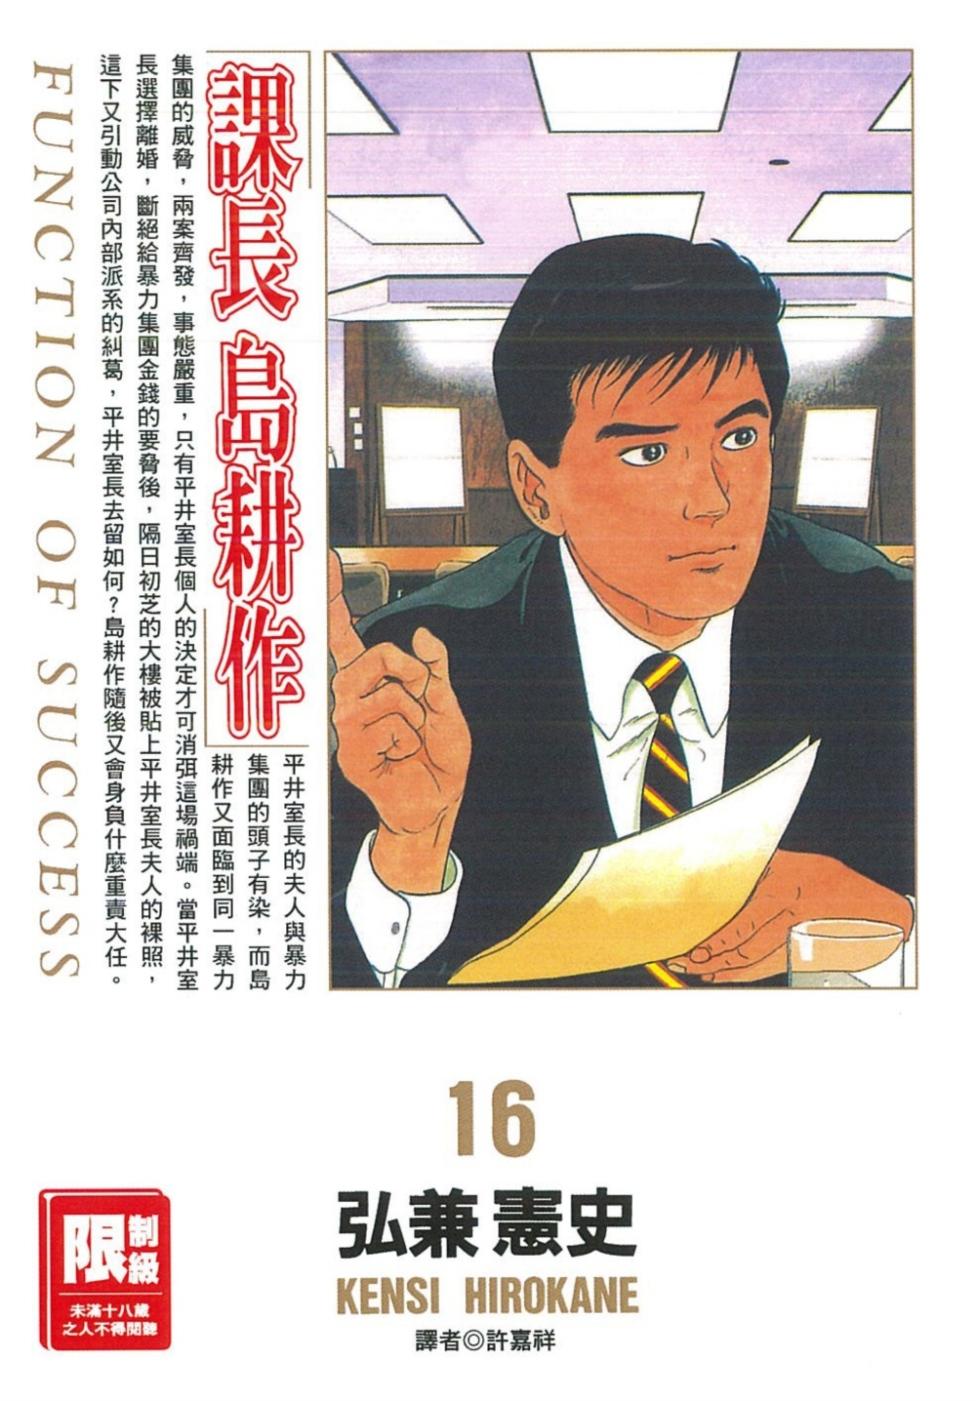 課長島耕作(16)(限)(限台...